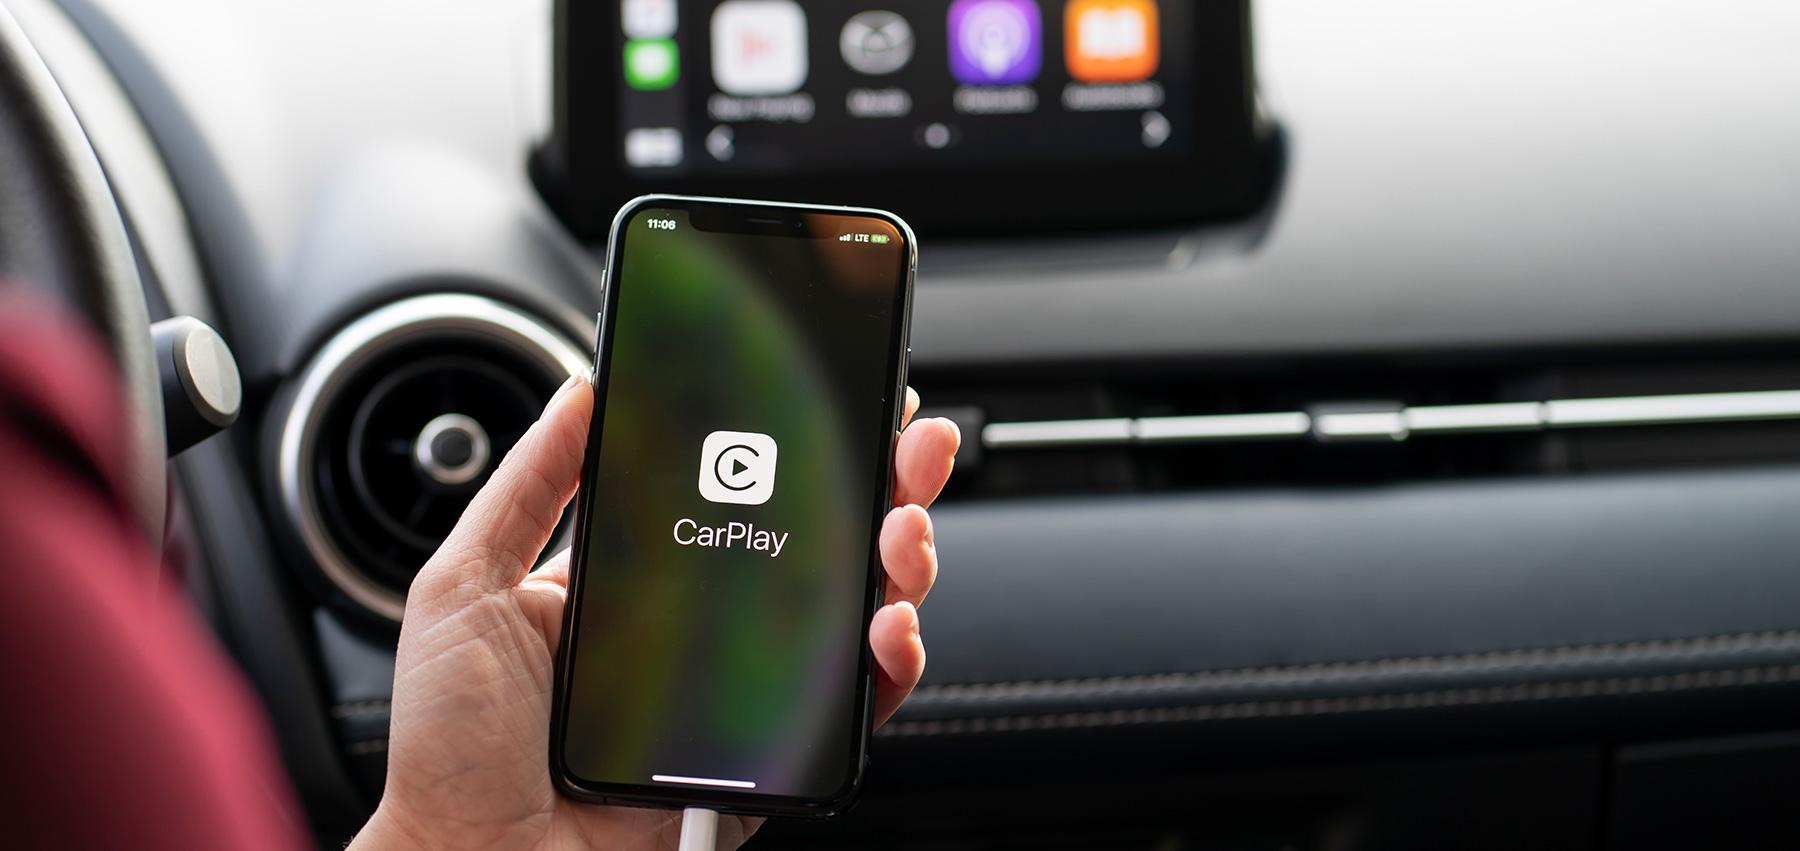 Con Apple CarPlay puoi accedere a funzioni come: raggiungere la destinazione desiderata, effettuare chiamate, inviare o ricevere messaggi, ascoltare musica e tanto altro collegandoti ad un iPhone compatibile. E' possibile gestire le funzioni anche tramite comando vocale Siri.